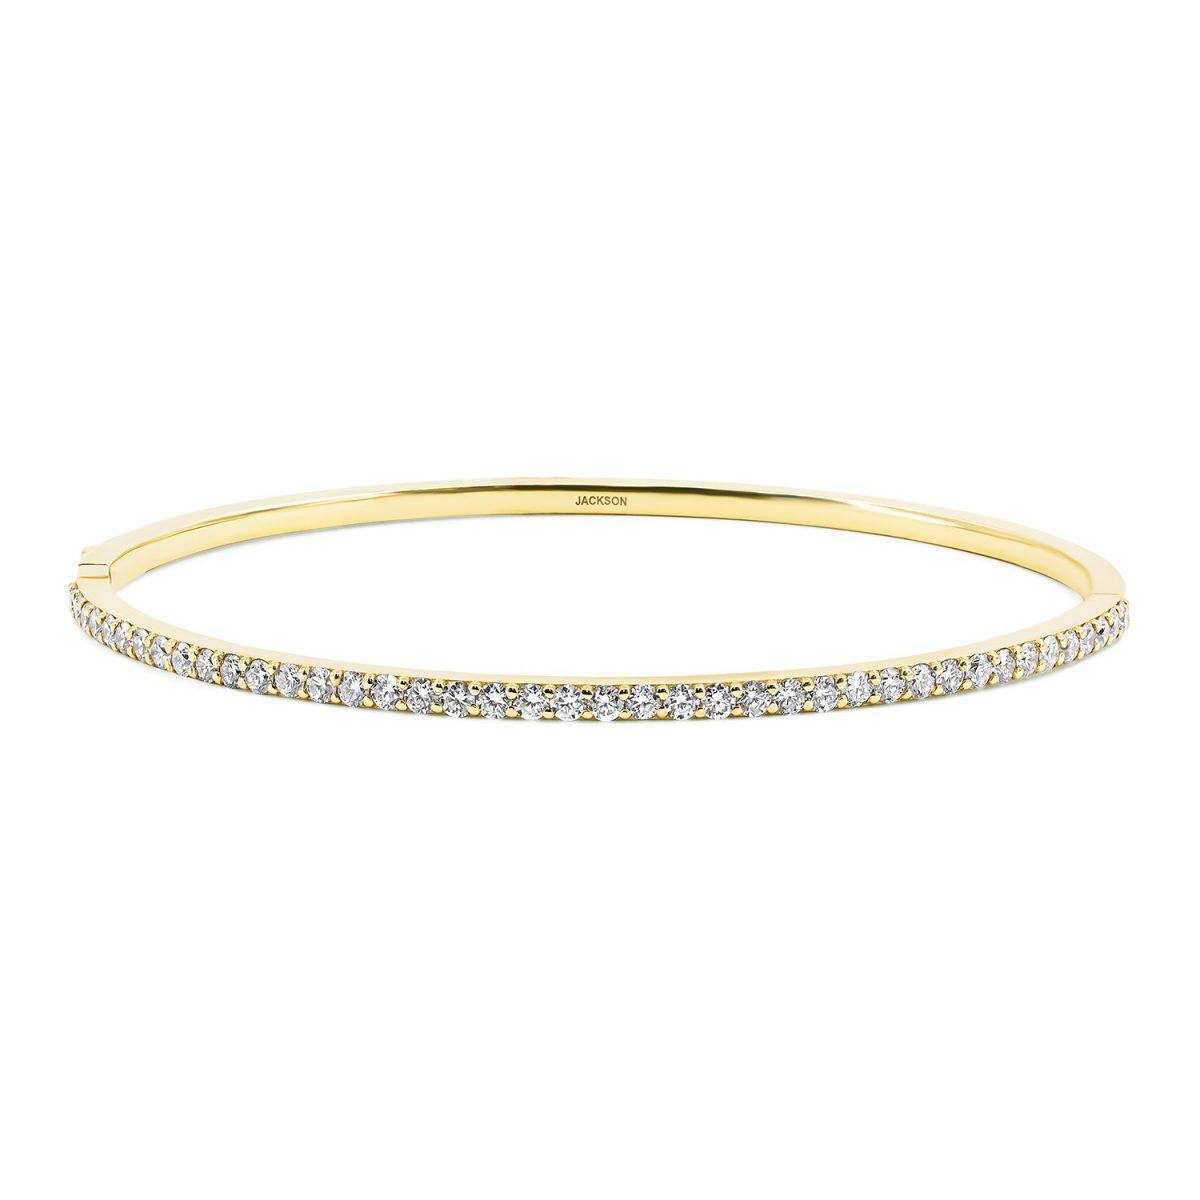 צמיד יהלומים דיאנה - זהב צהוב